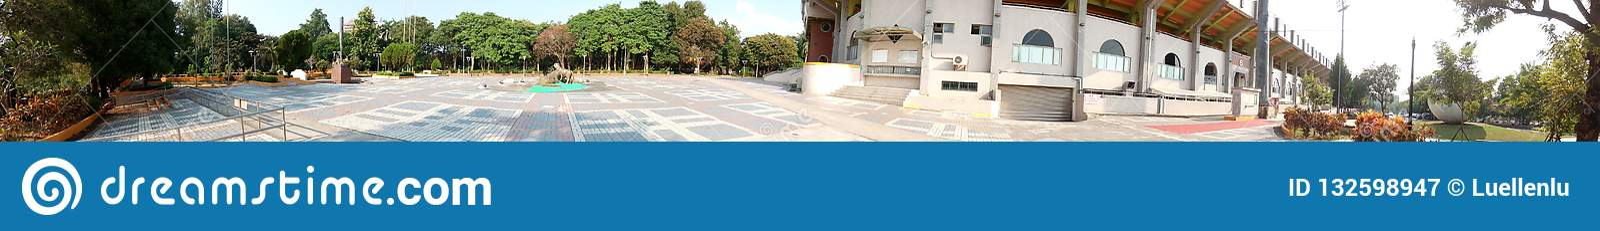 Panorama - plac na zewnątrz Chiayi miasta stadionu baseballowego